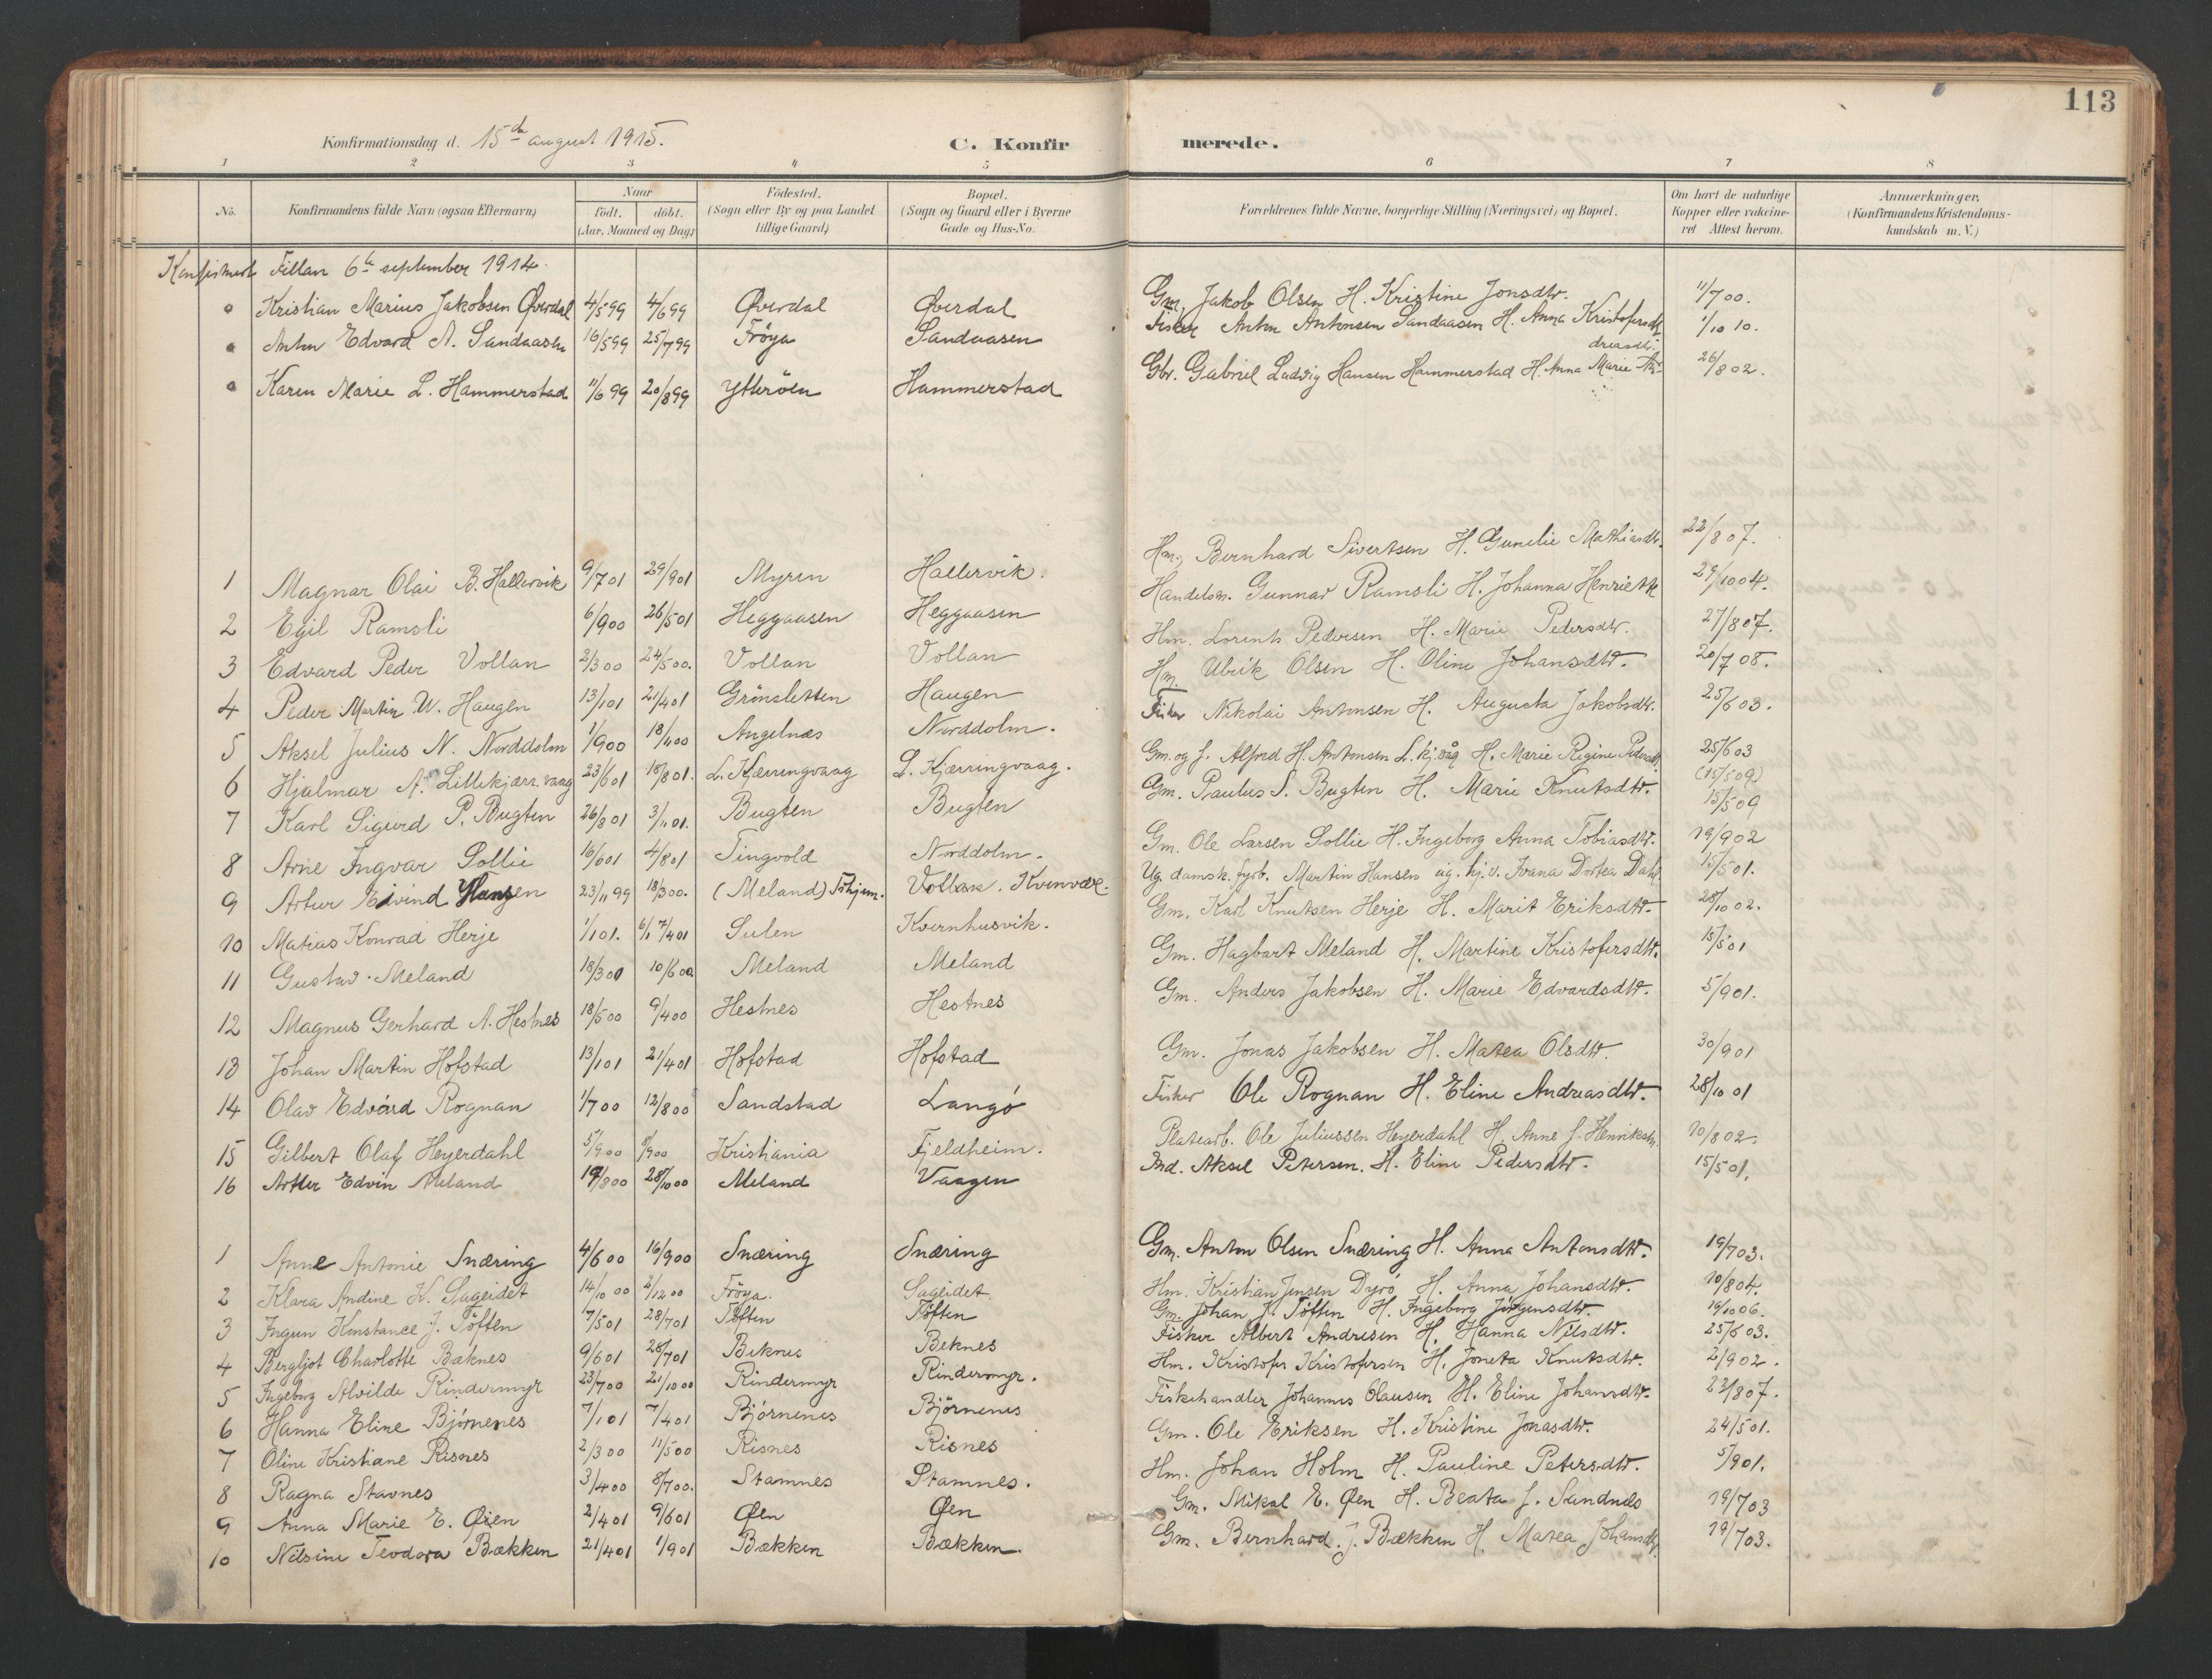 SAT, Ministerialprotokoller, klokkerbøker og fødselsregistre - Sør-Trøndelag, 634/L0537: Ministerialbok nr. 634A13, 1896-1922, s. 113